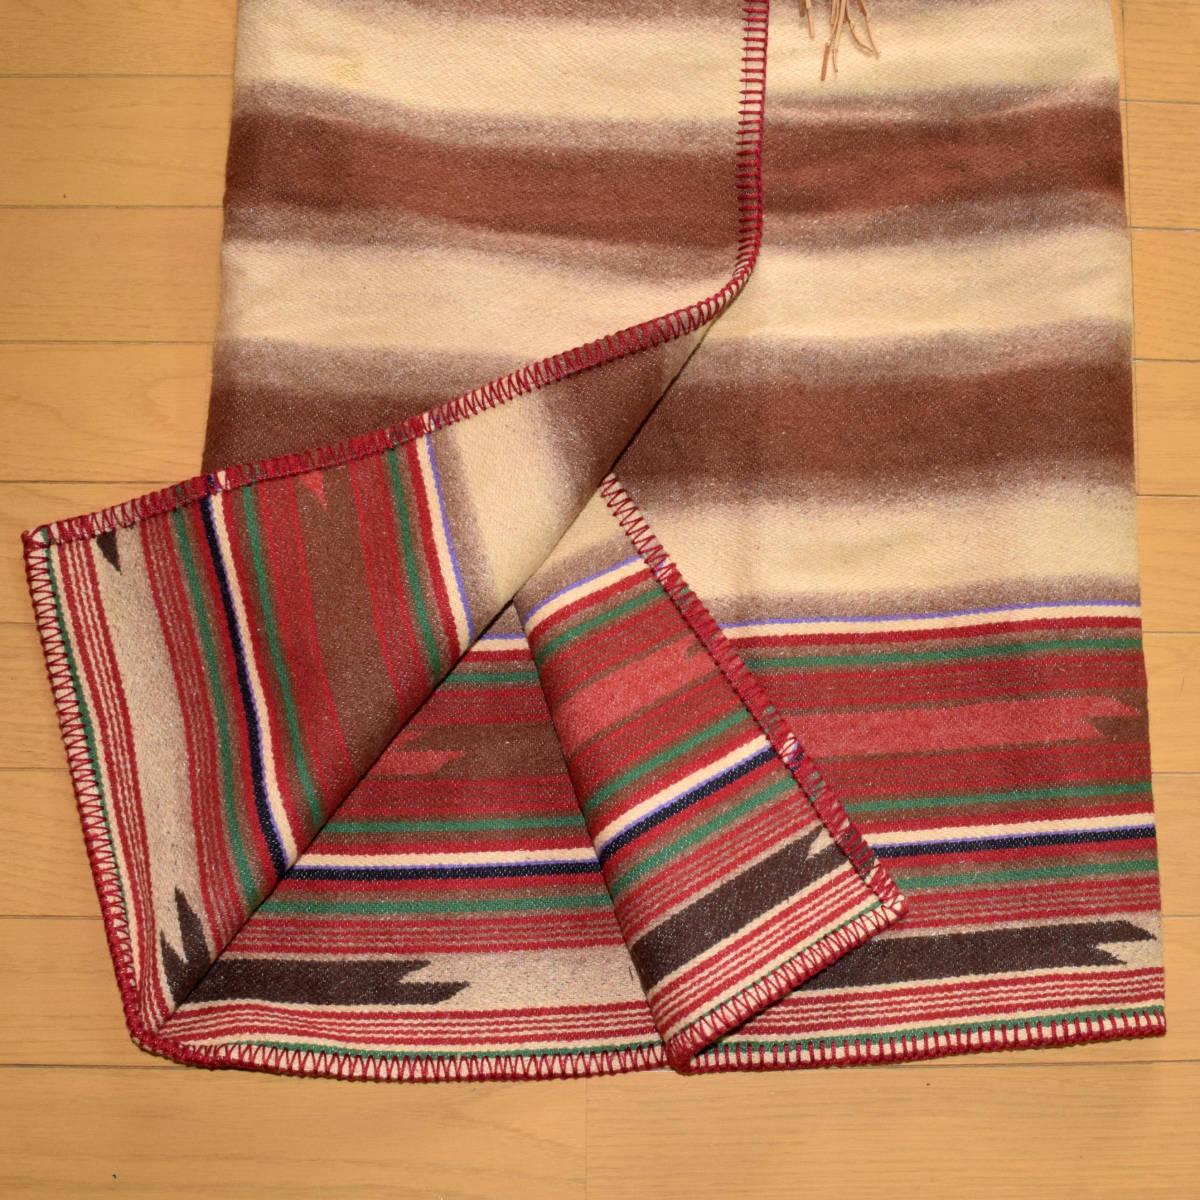 美品!USA製 ポロカントリー ネイティブ柄 ブランケット M ラグ ロング 巻きスカート コンチョ付 古着 ナバホ インディアン ビンテージ_画像3